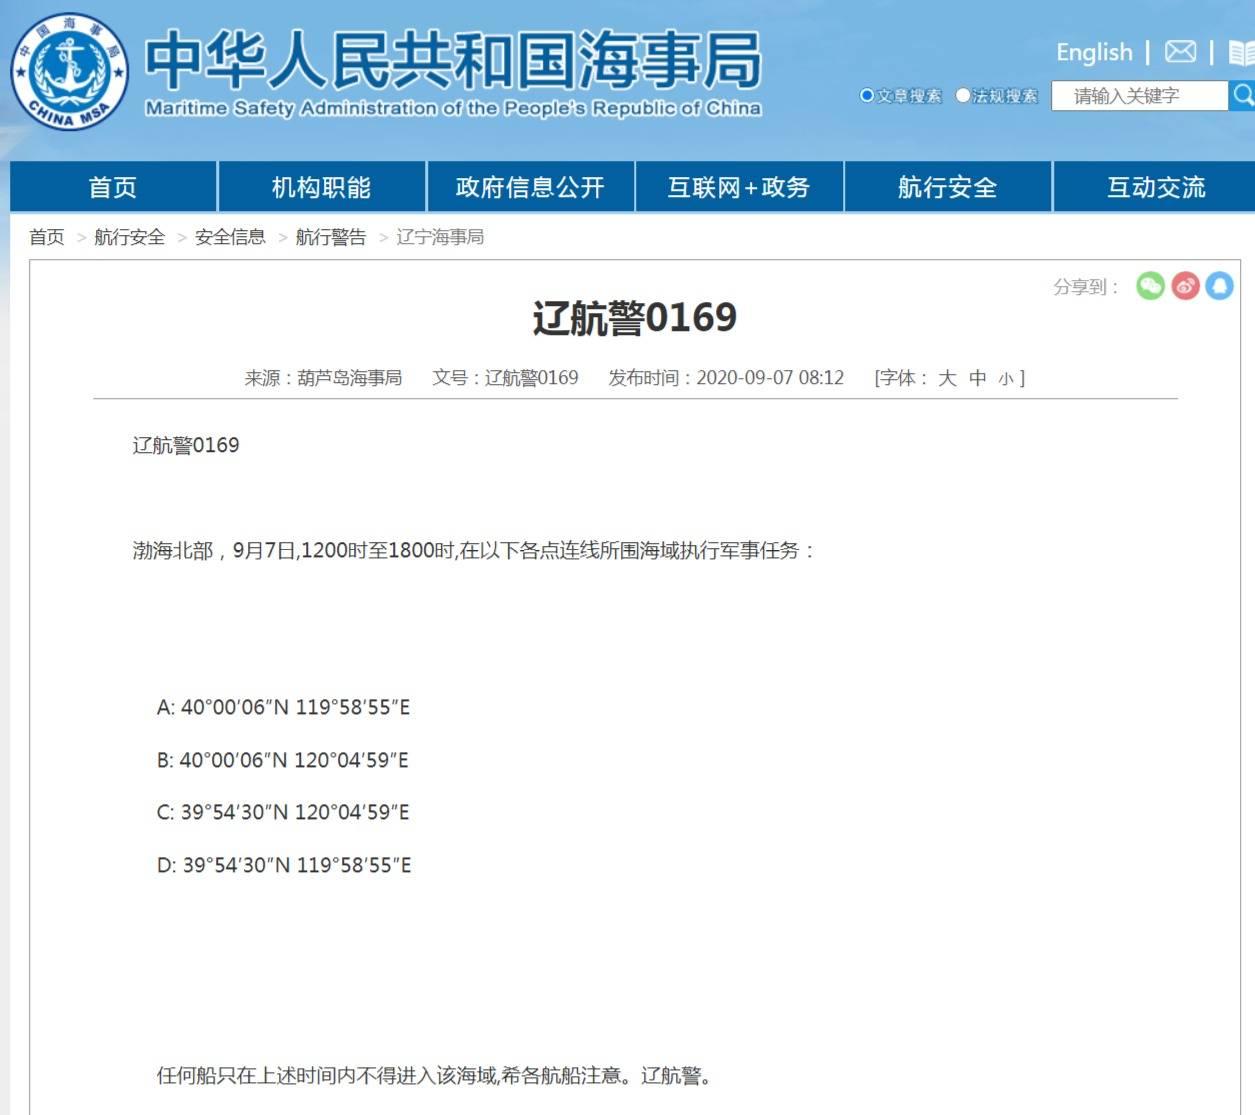 航行警告:今日12时至18时,渤海北部海域执行军事任务